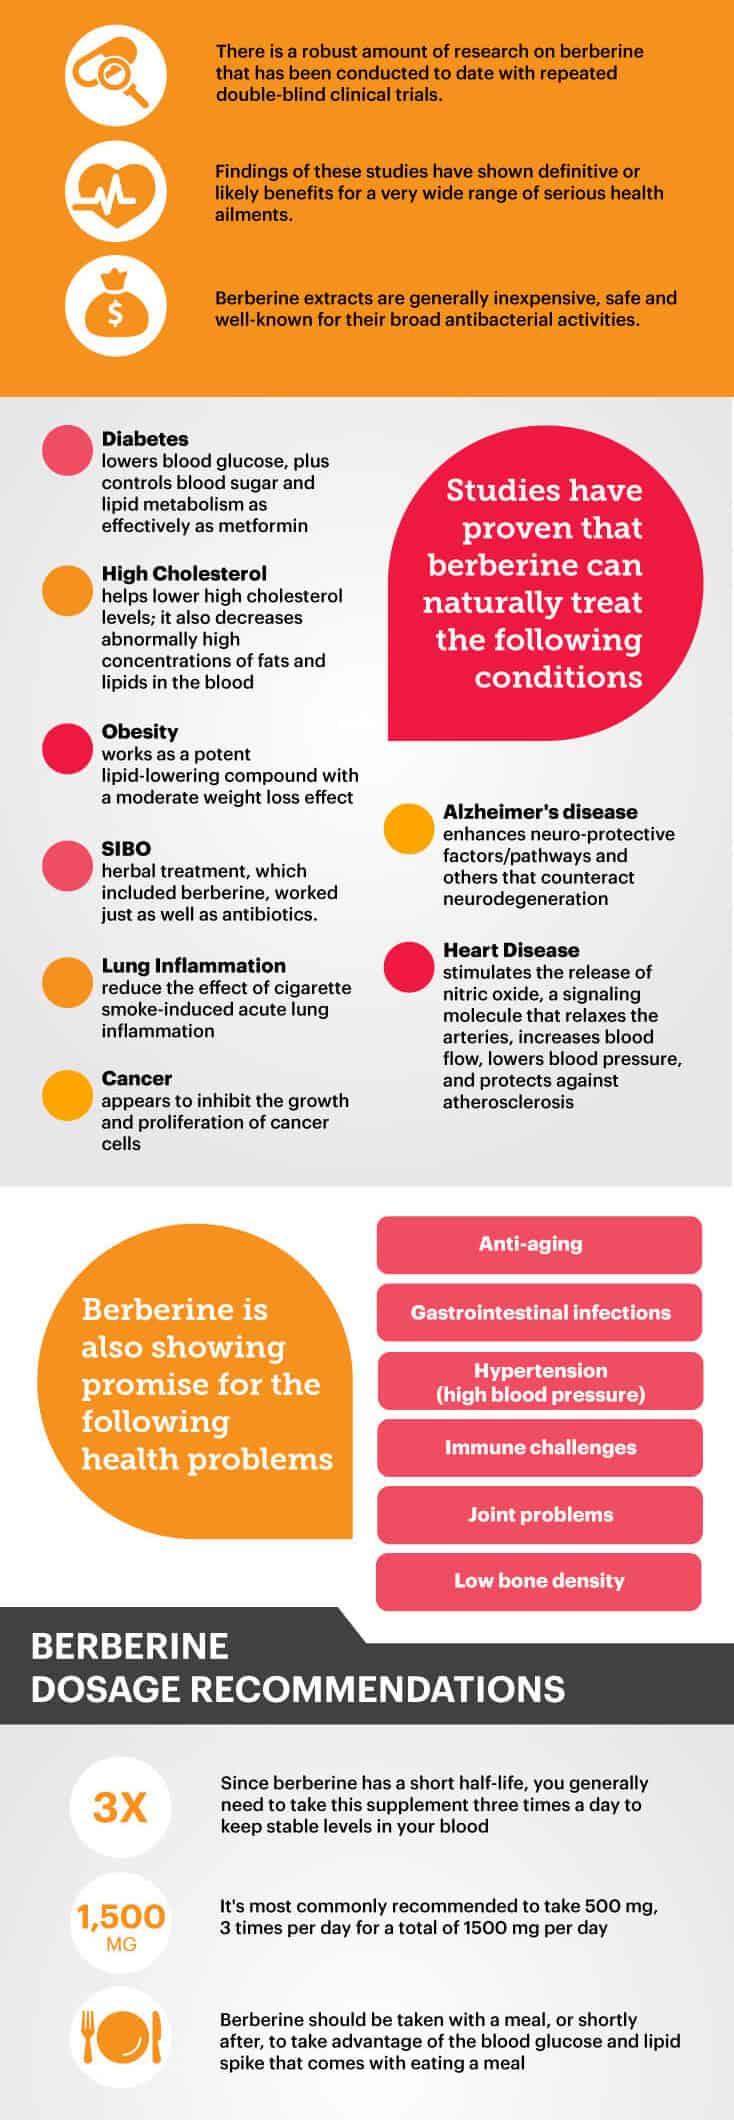 Benefits of berberine - Dr. Axe